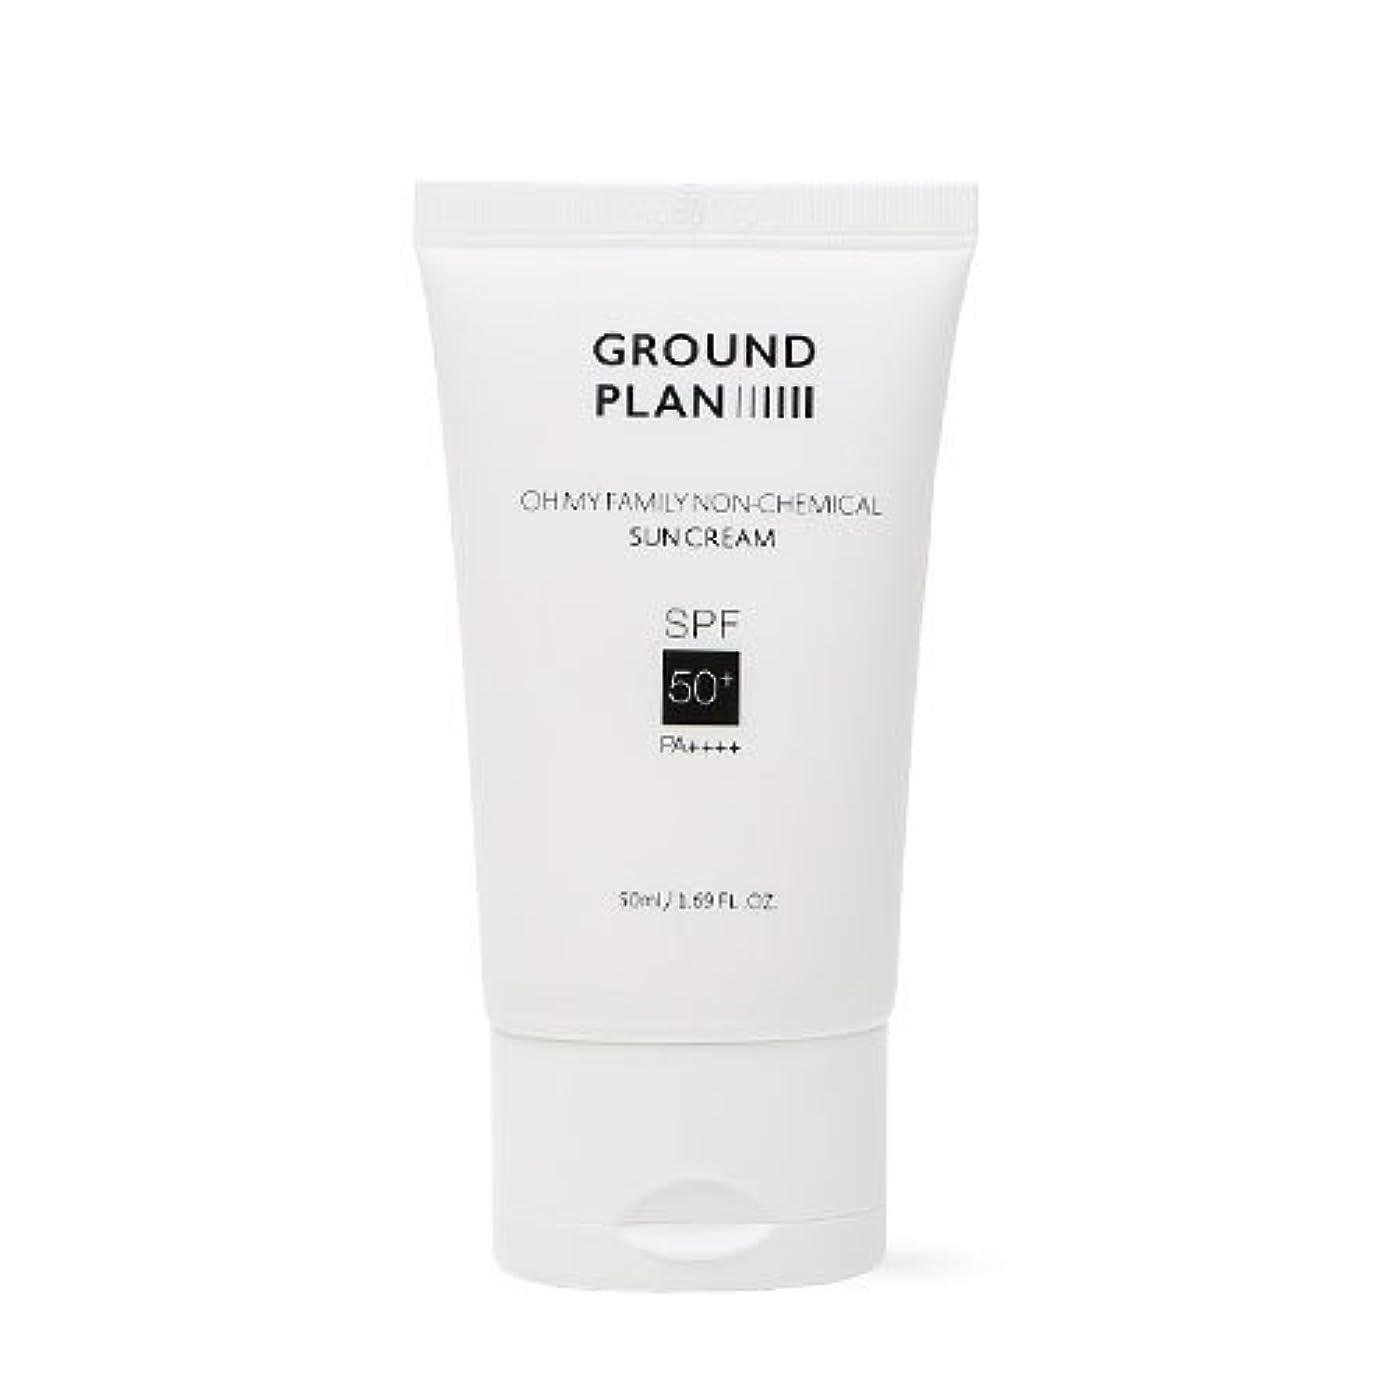 慎重にアサー断線[GROUND PLAN] Oh My Family Non-Chemical Sun Cream 50ml グラウンドプランファミリーノンケミカルサンクリーム [並行輸入品]